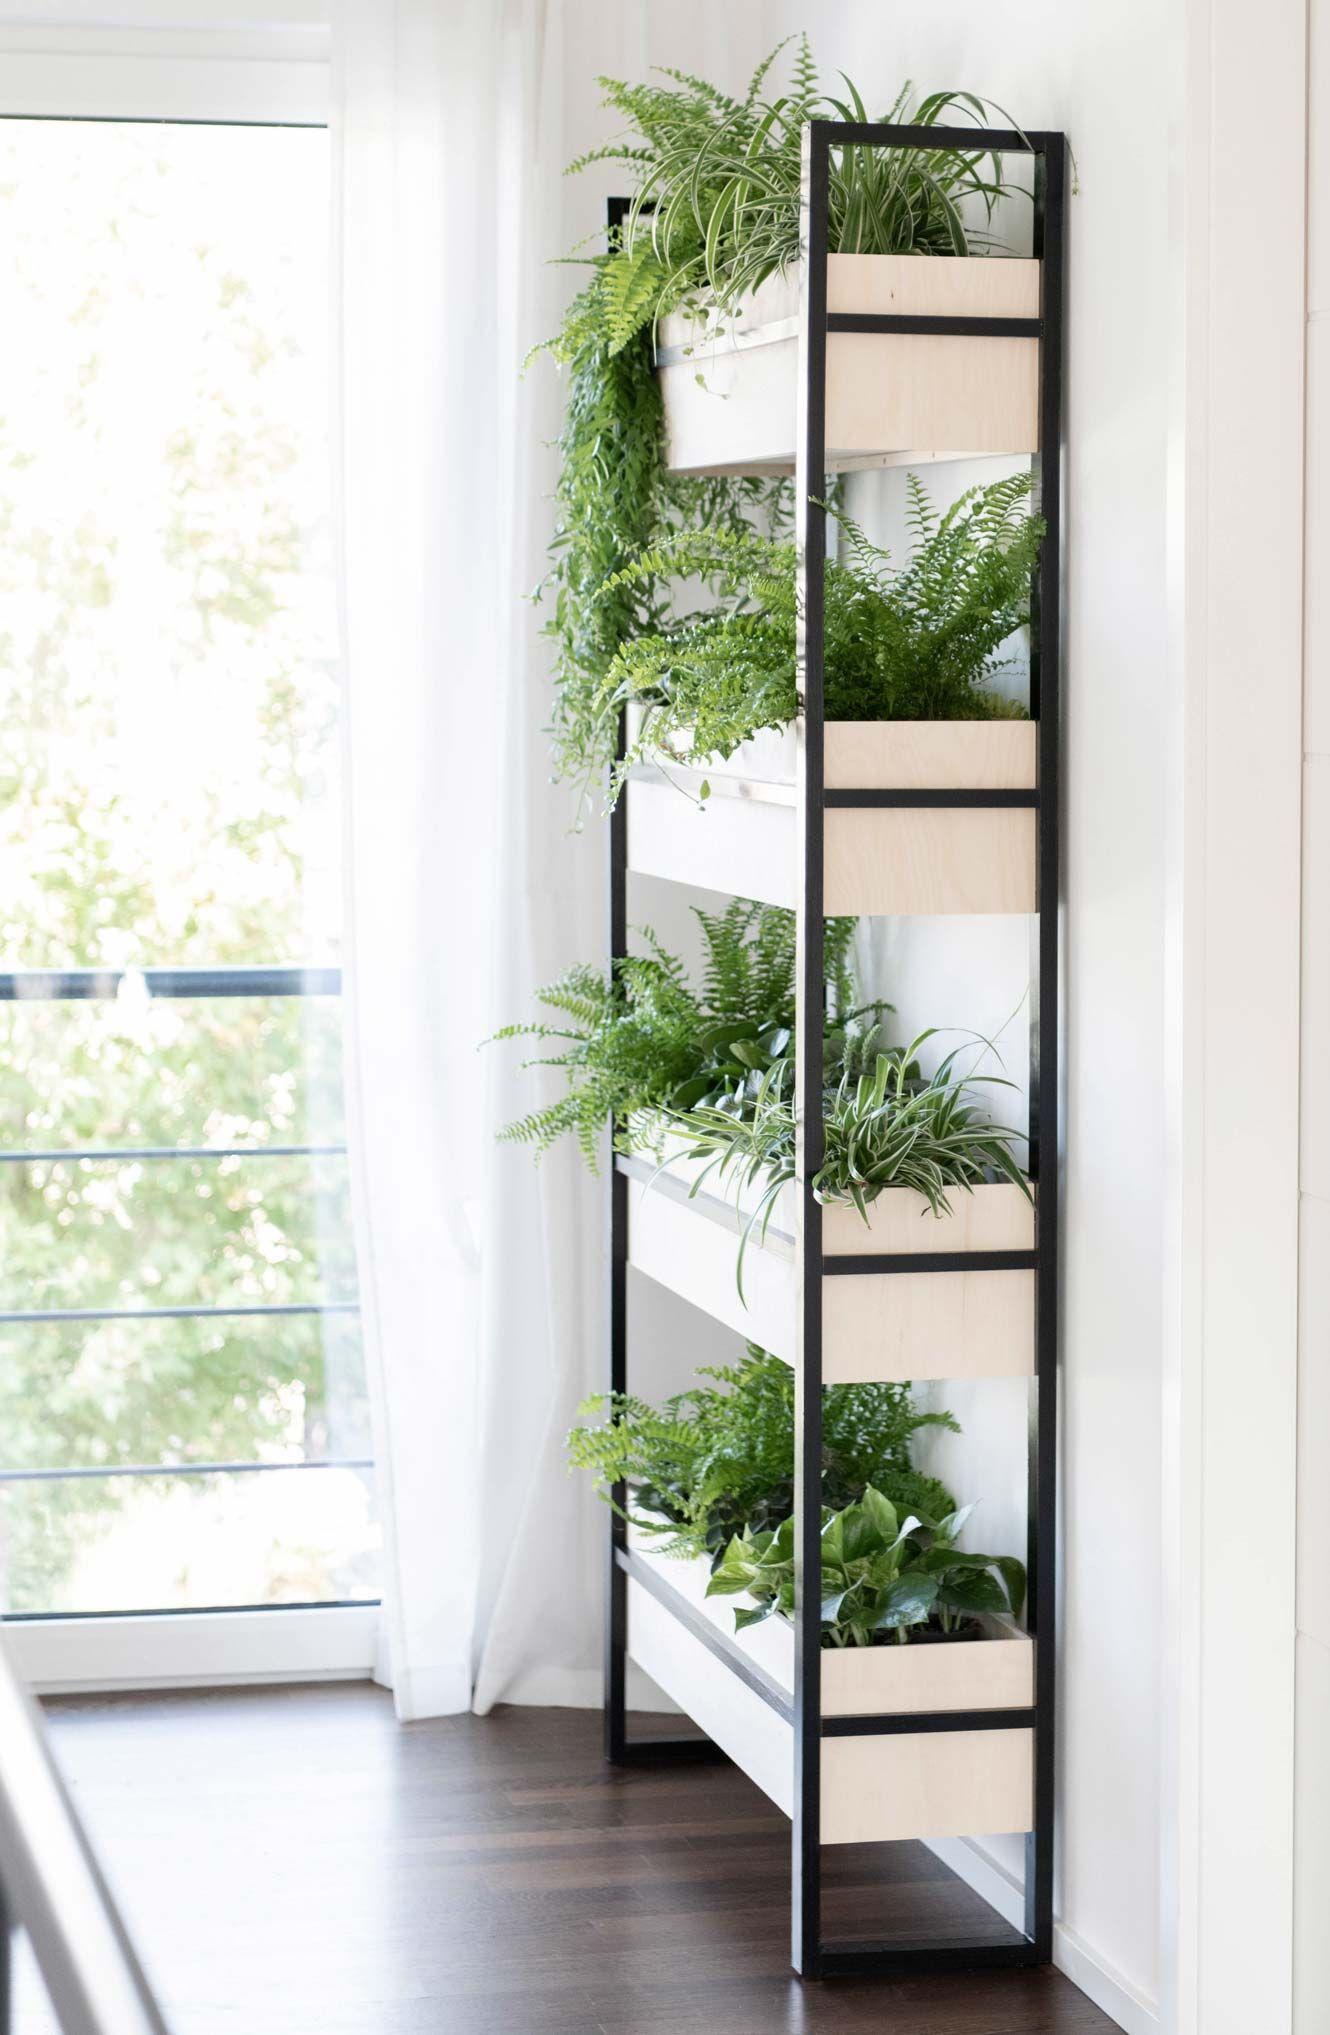 Diy Urban Jungle Pflanzenregal Pflanzenregale Wohnung Balkon Garten Und Pflanzen